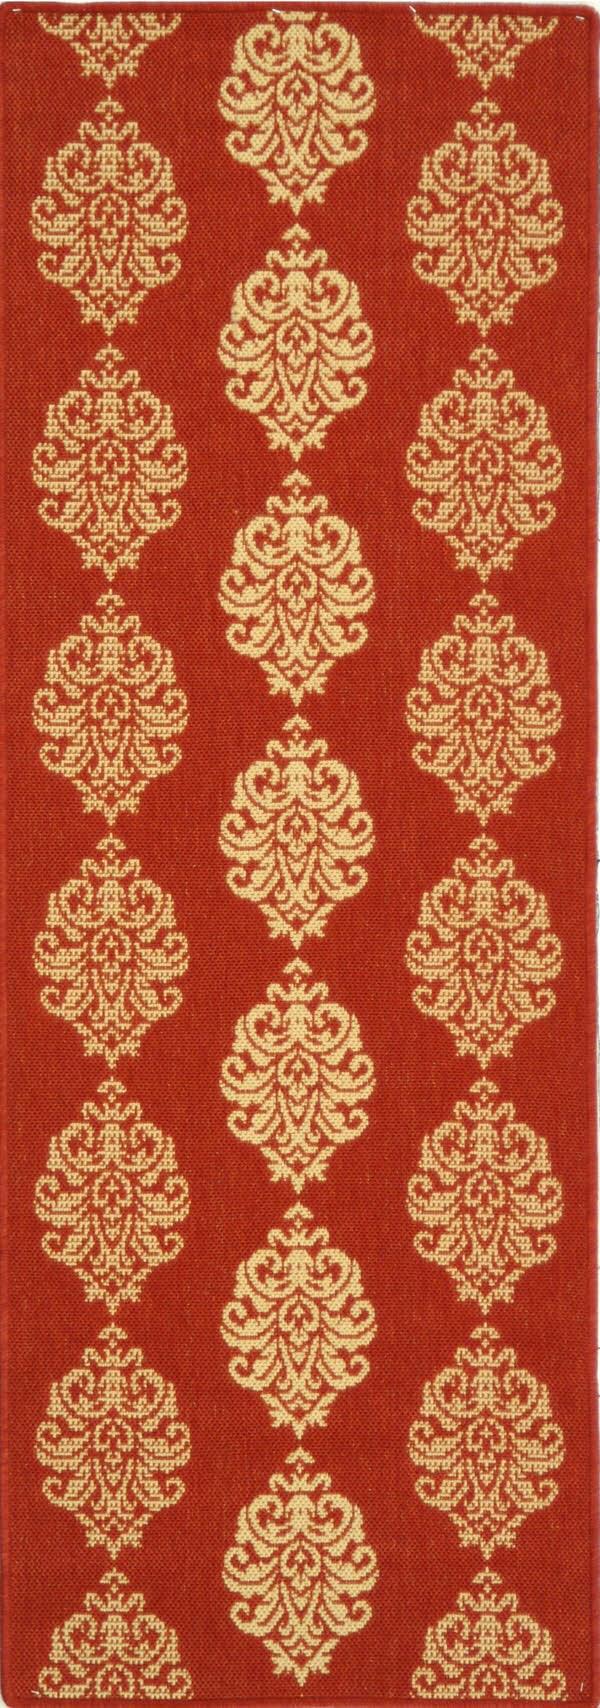 Red, Natural (3707) Damask Area Rug